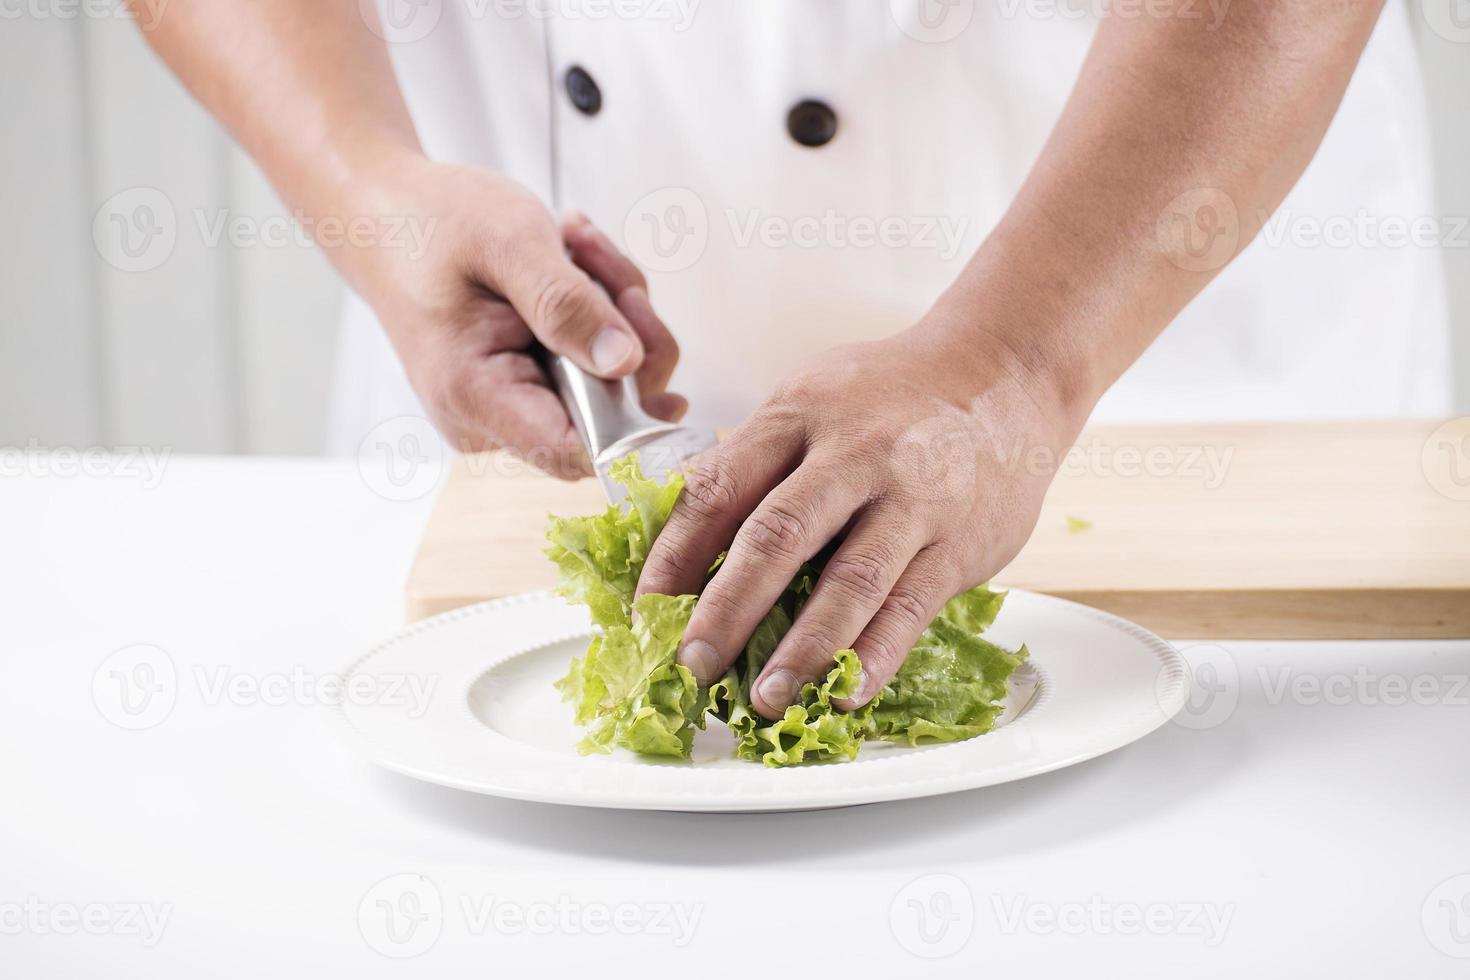 manos del chef cortando lechuga foto